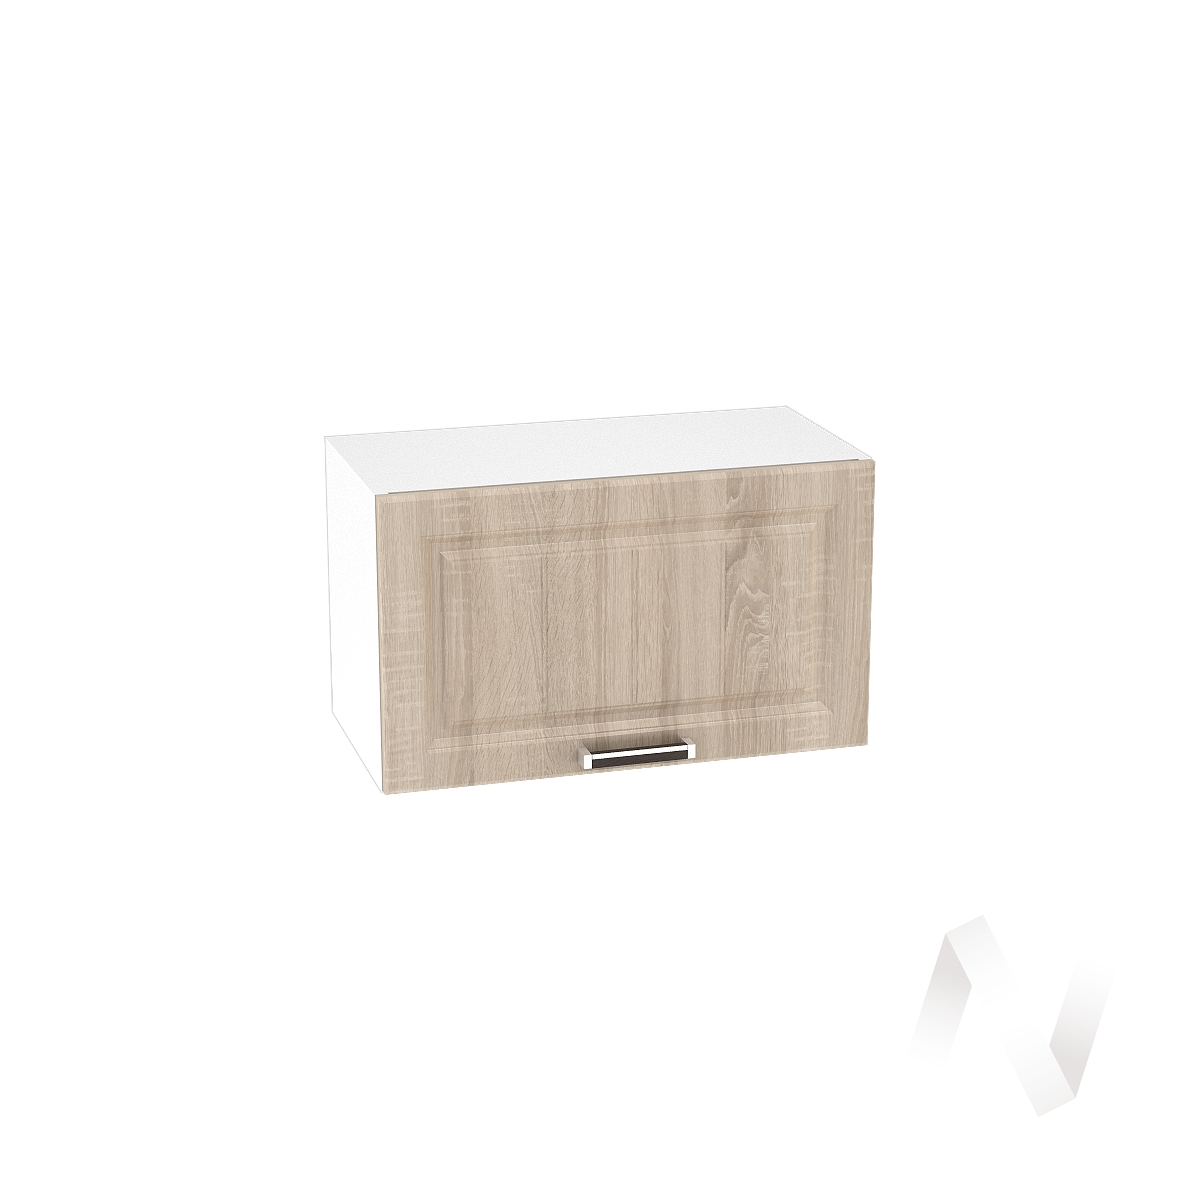 """Купить кухня """"прага"""": шкаф верхний горизонтальный 600, швг 600 (дуб сонома/корпус белый) в Иркутске в интернет магазине Мебель Максимум"""